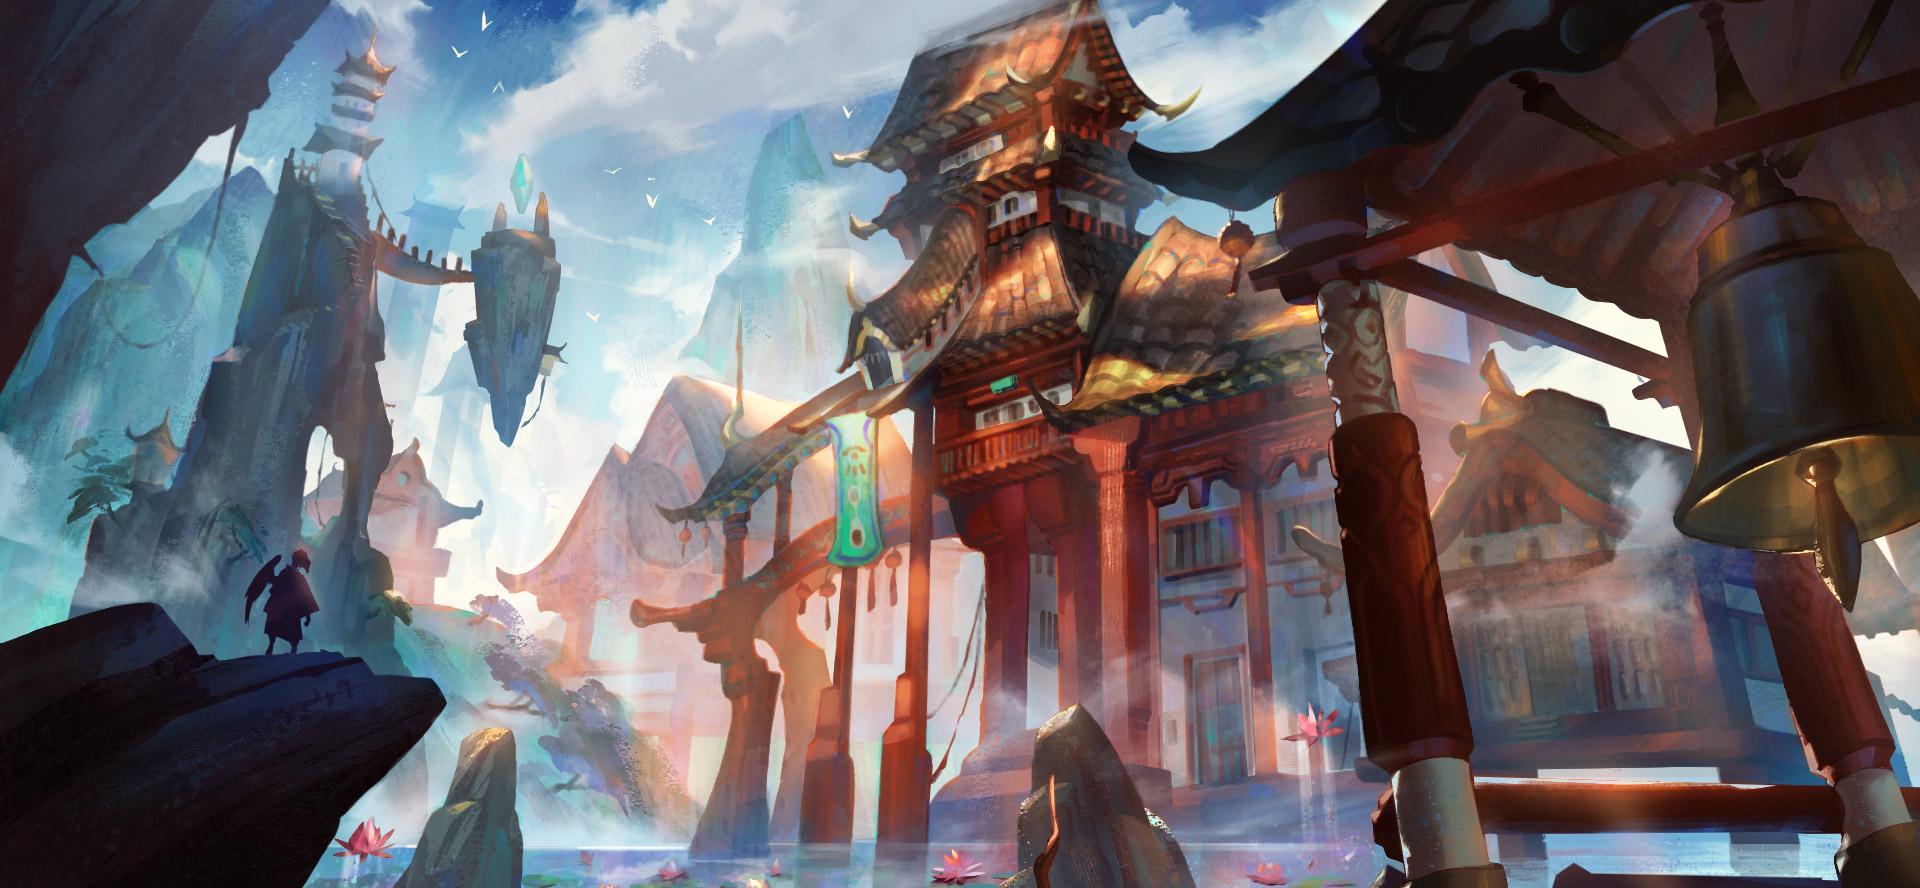 Colloque // Le jeu vidéo au carrefour de l'histoire, des arts et des médias